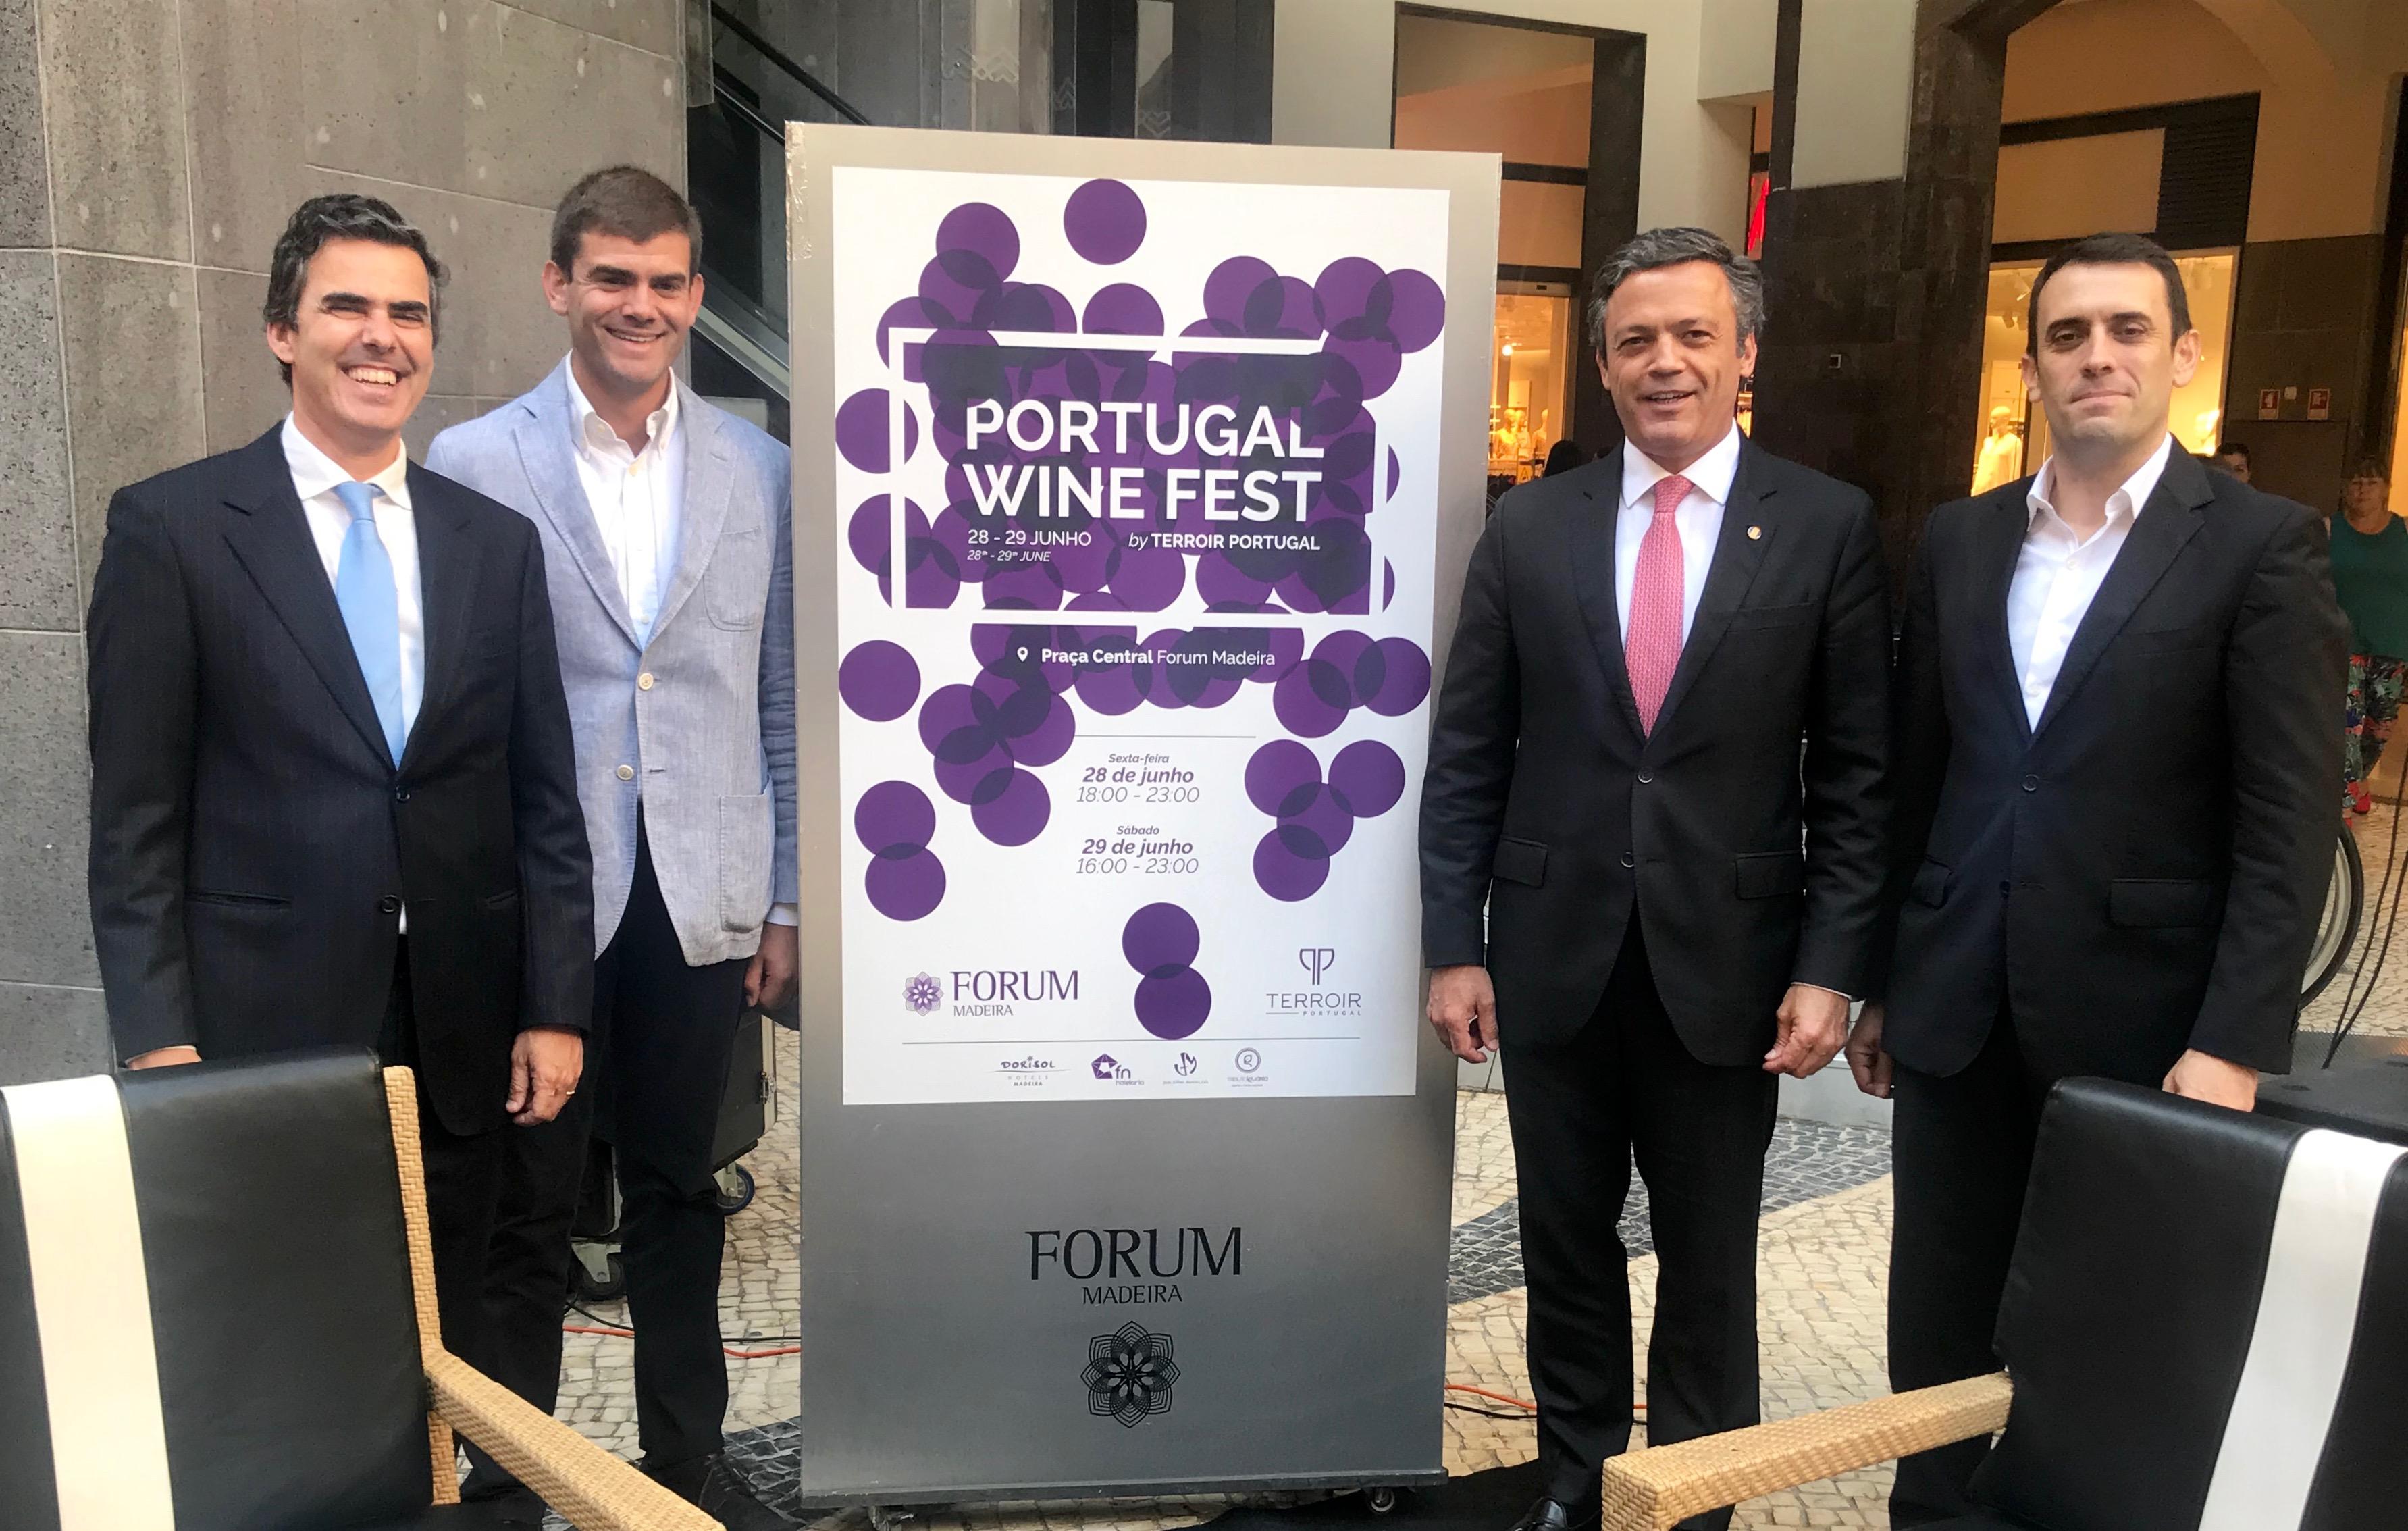 Portugal Wine Fest apresentado